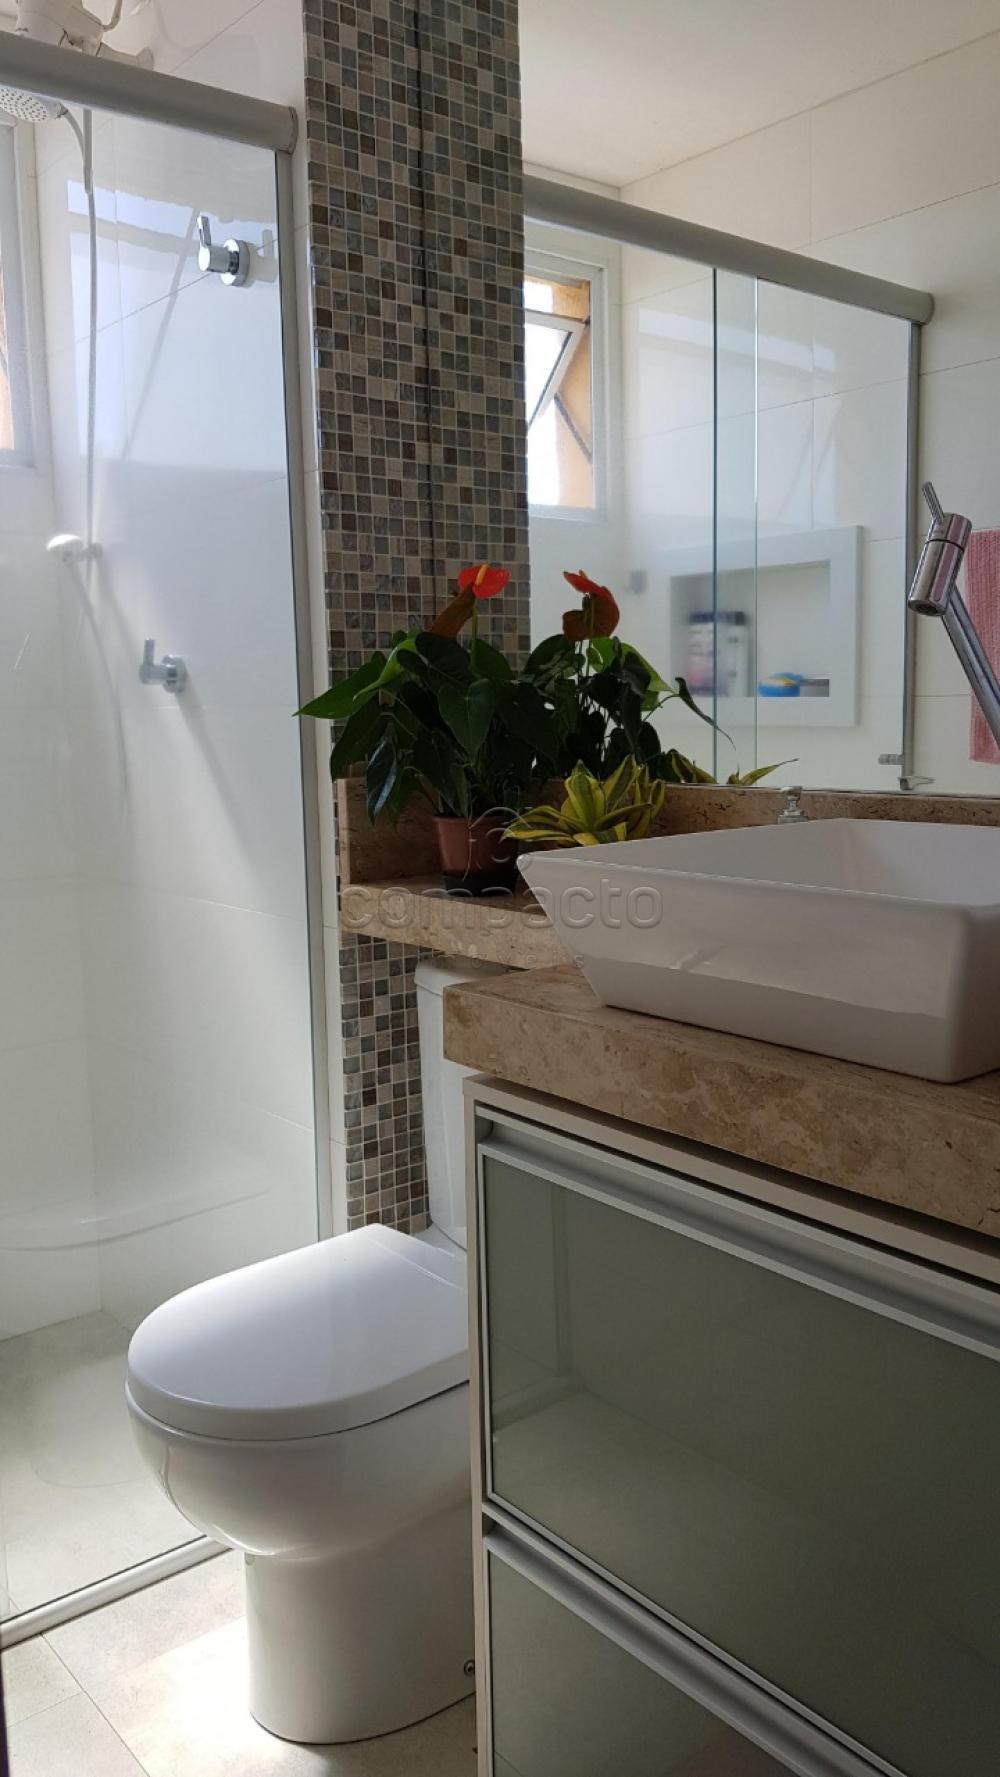 Comprar Apartamento / Padrão em São José do Rio Preto apenas R$ 222.000,00 - Foto 9